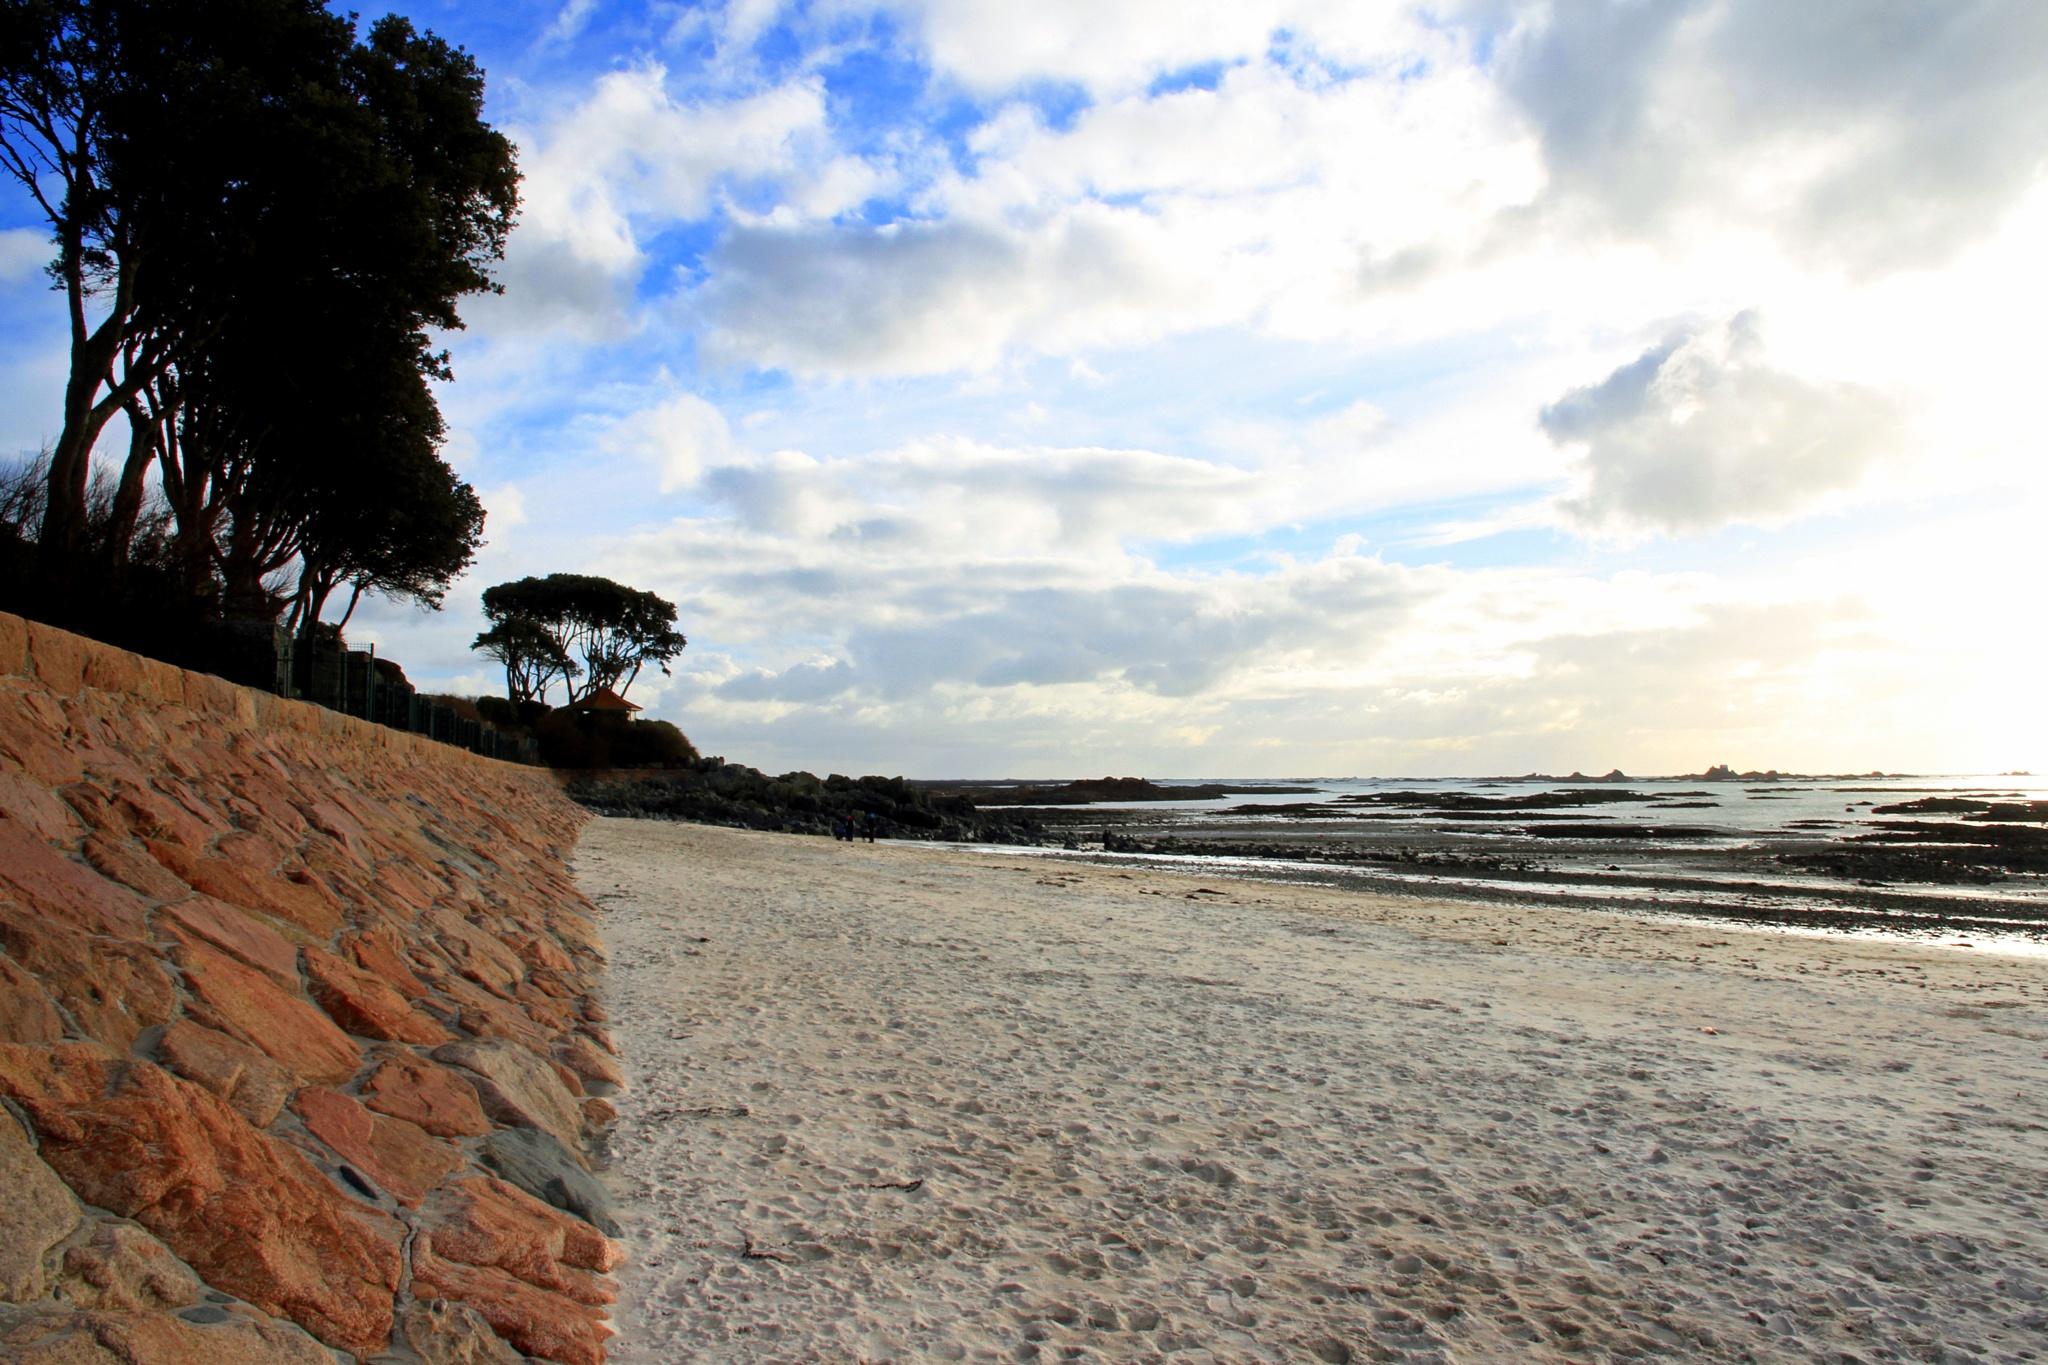 Deserted Beach by Martin Roper